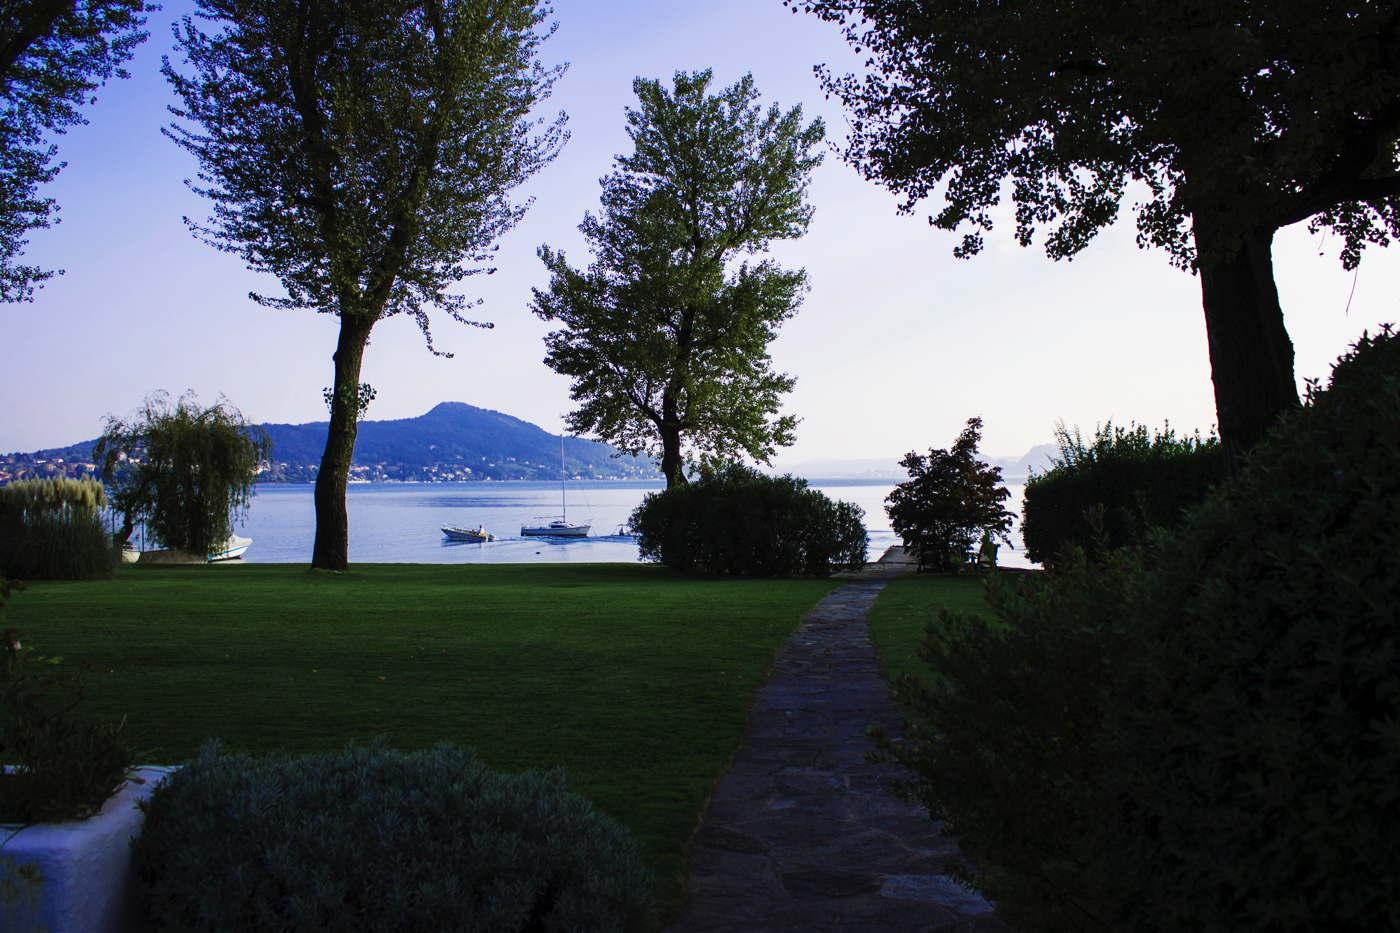 Ferienhaus lago maggiore in italien mit seezugang for Lago maggiore casa